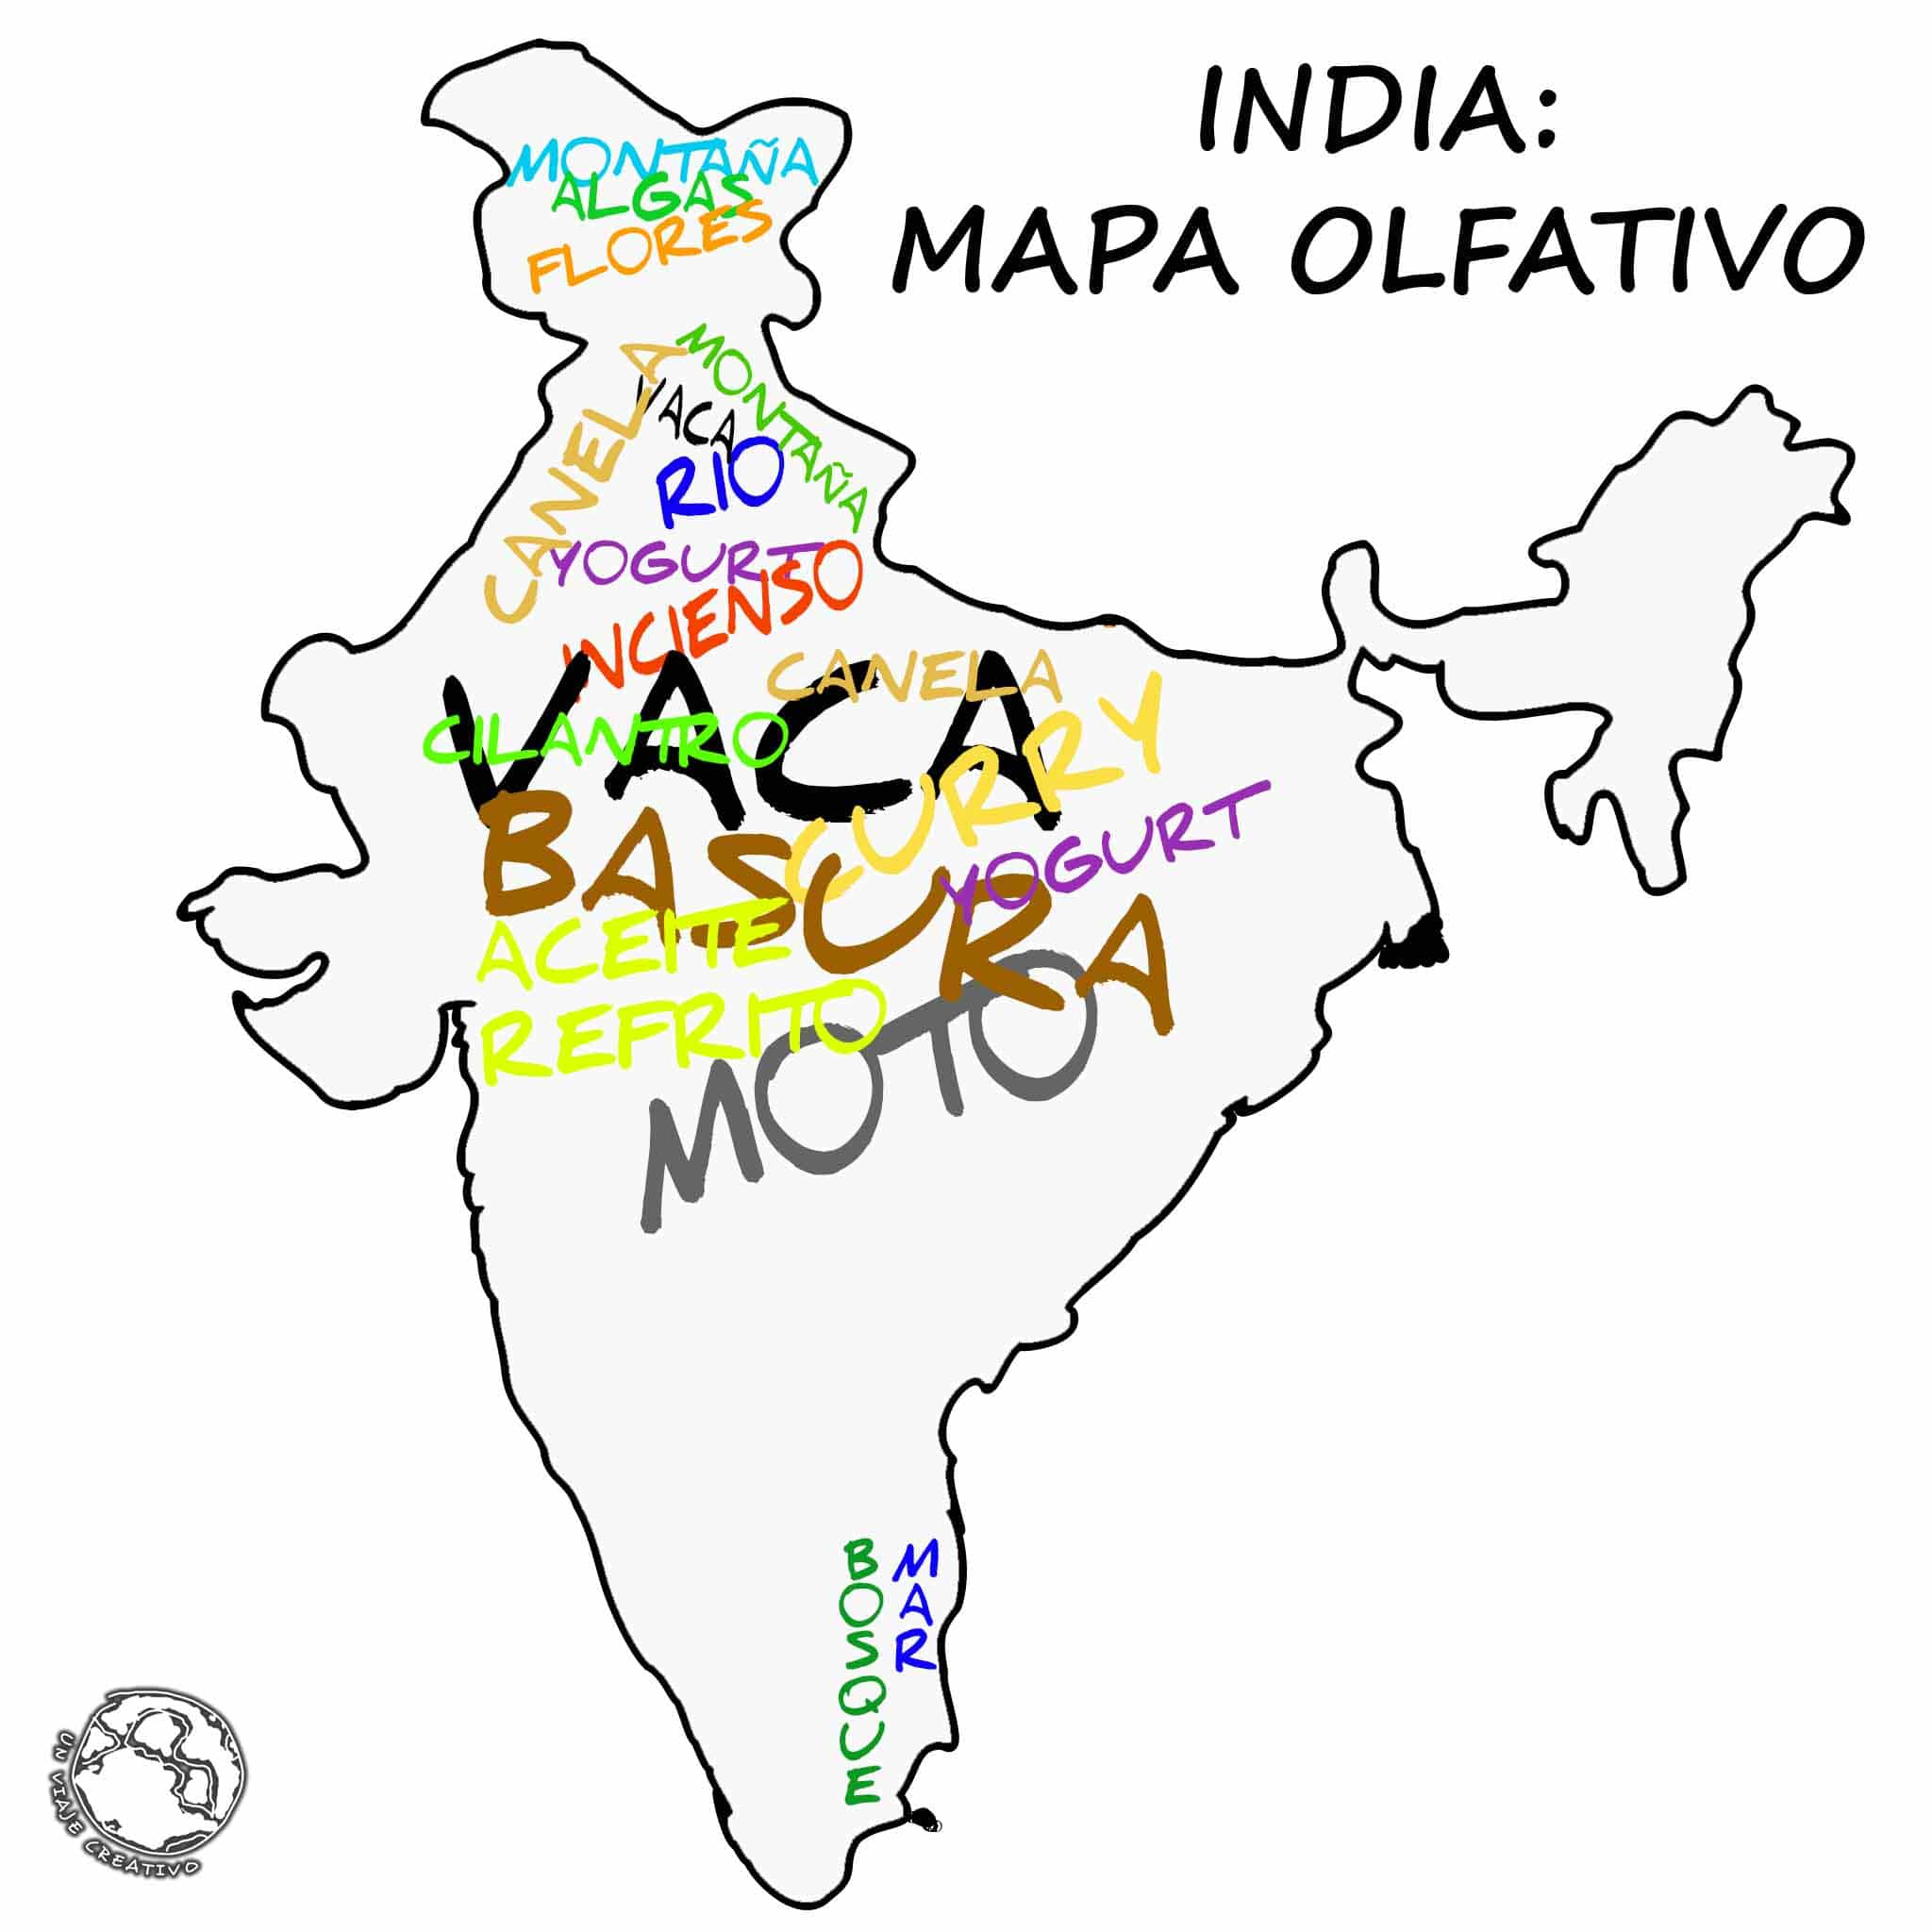 INDIA - MAPA OLFATIVO